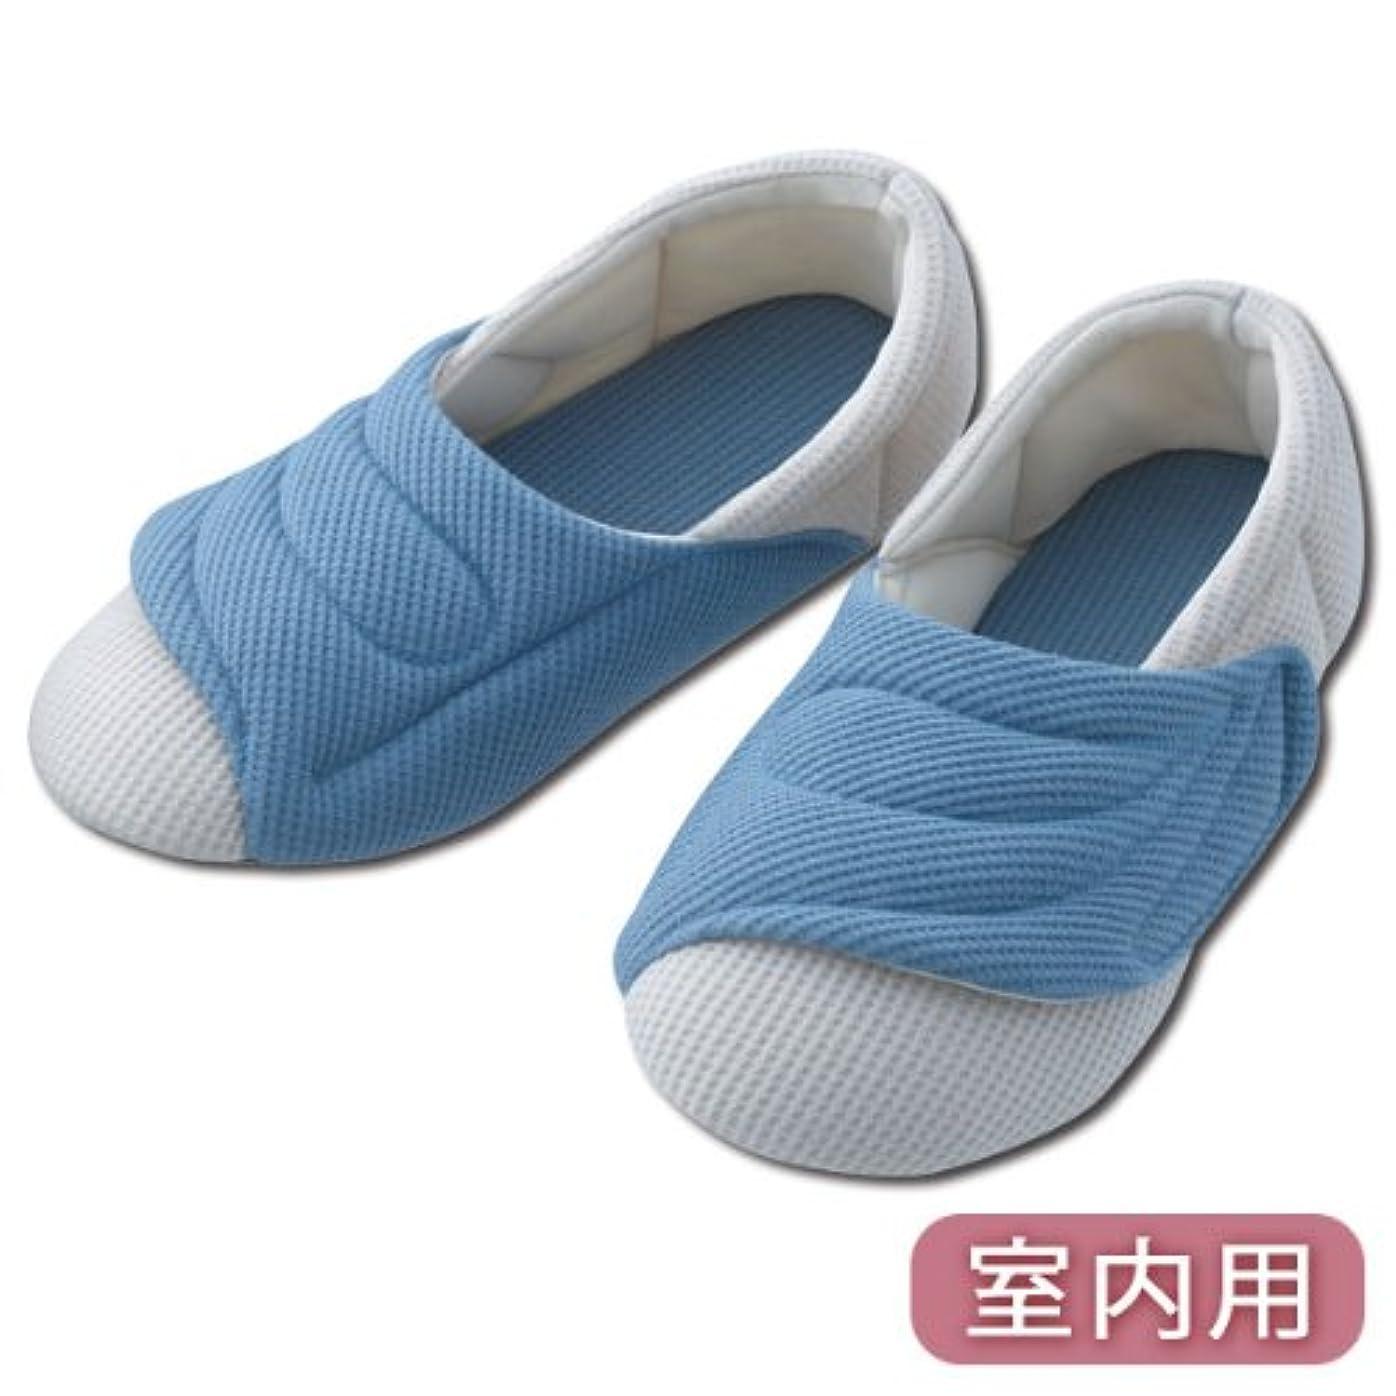 弾薬マエストロ貧困介護シューズ リハビリシューズ 介護靴 施設用 シューズ ワイドベルトワッフル2229(ブルー)(ブルーLL)